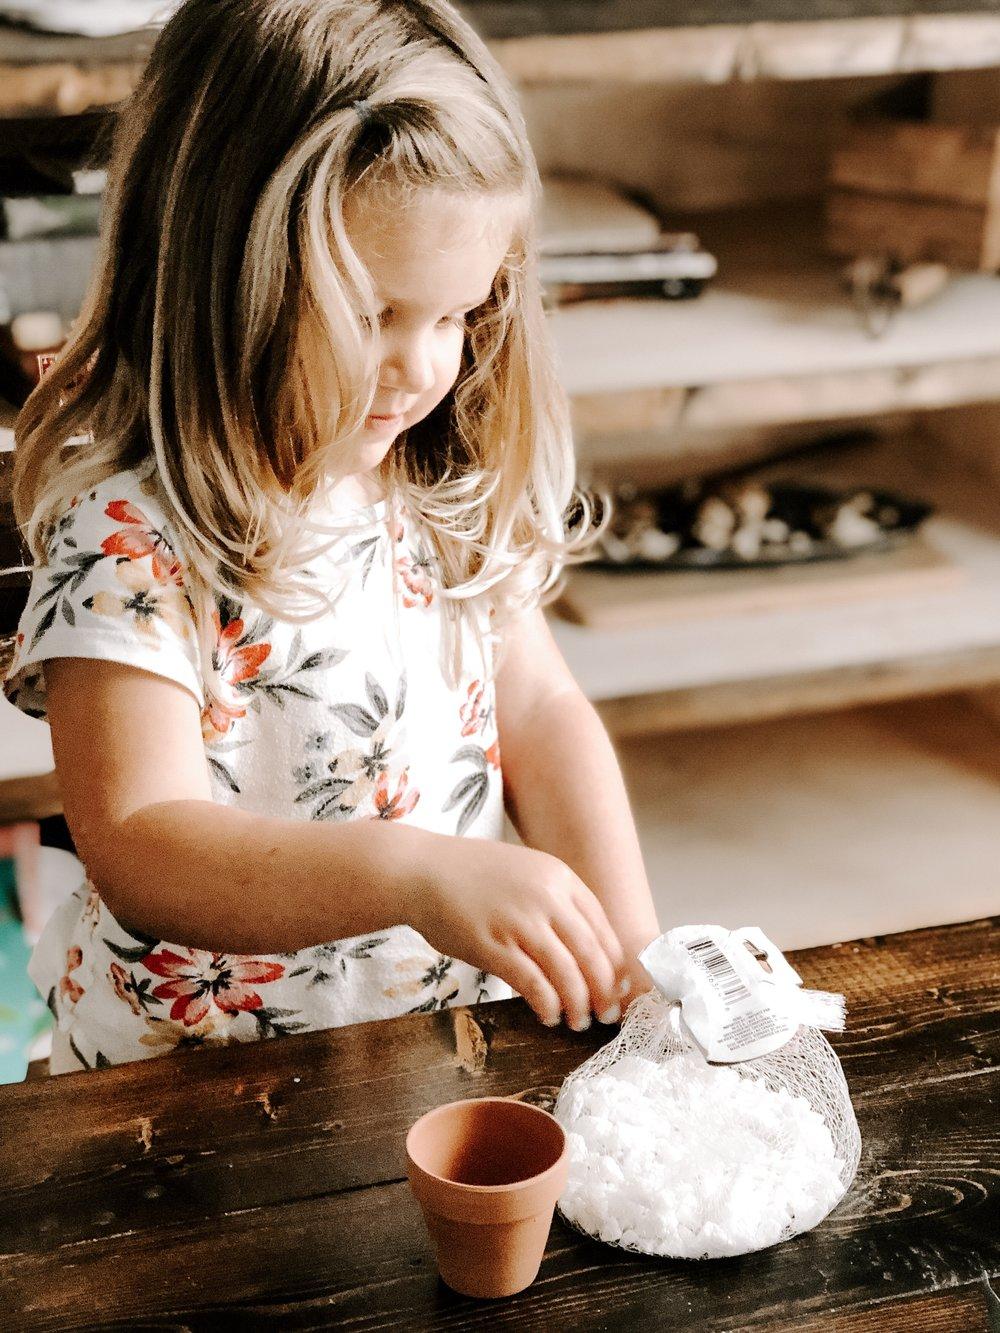 Toddler making craft